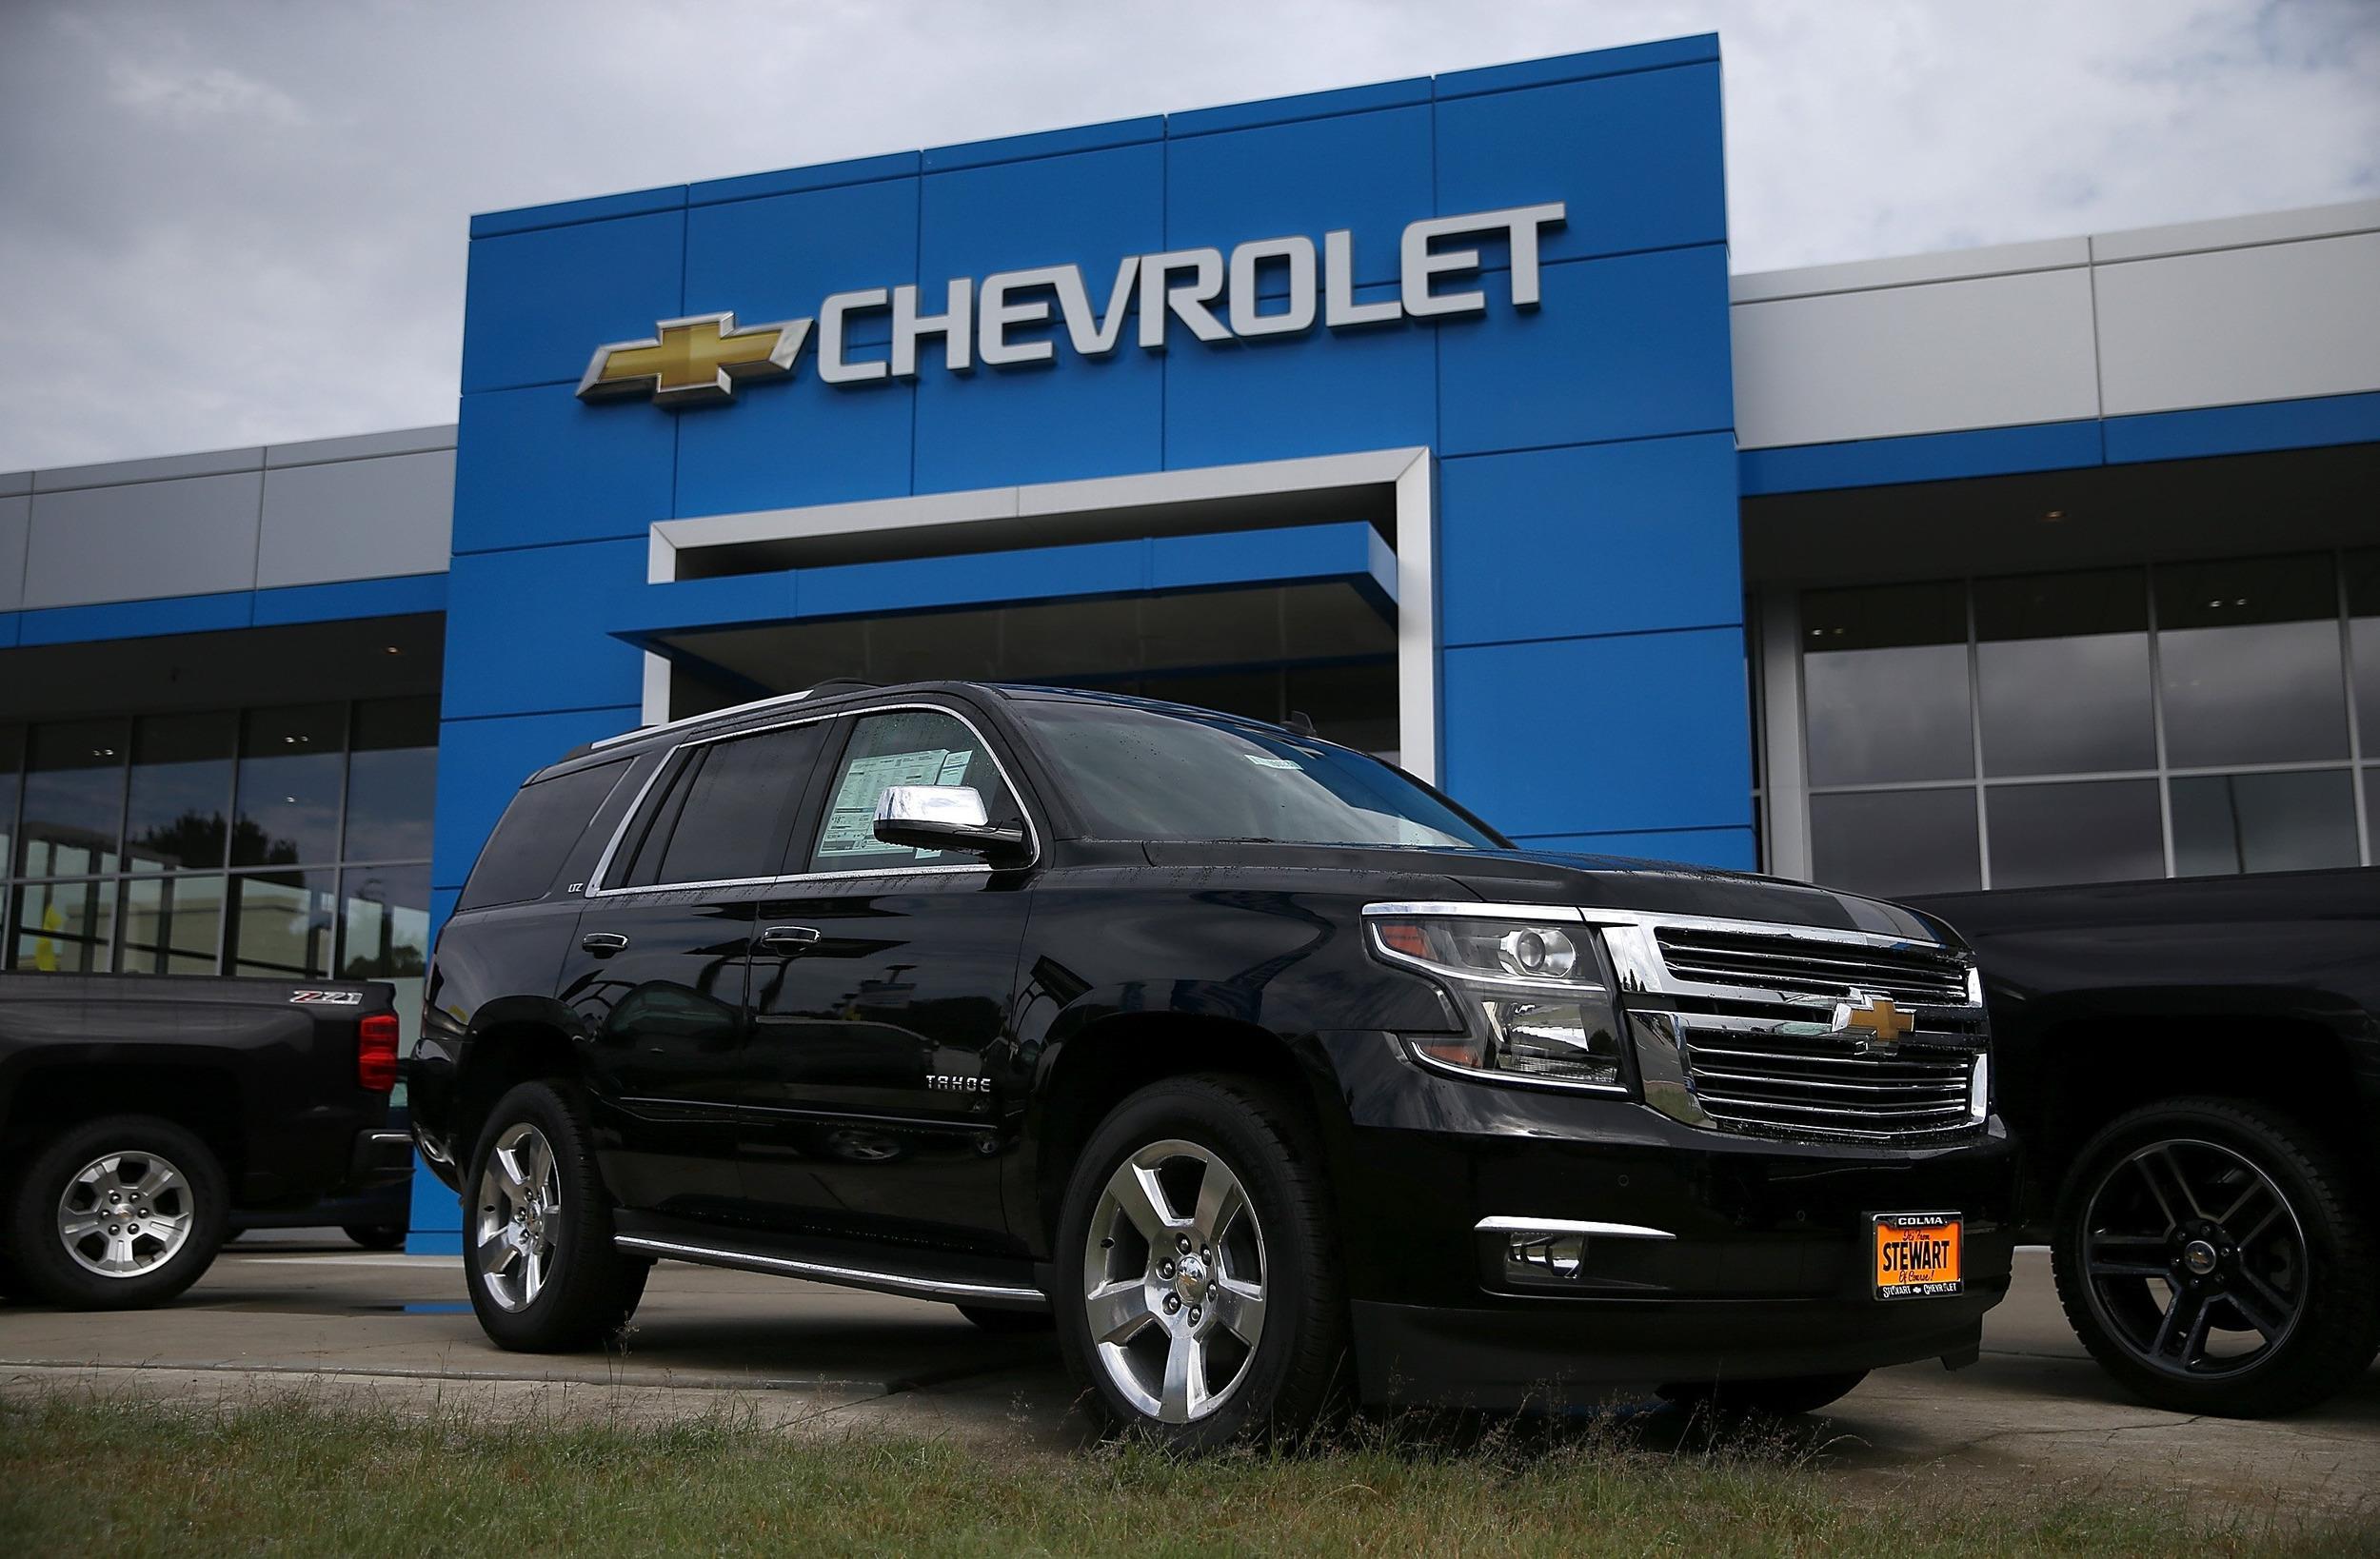 Image: Chevrolet Tahoe